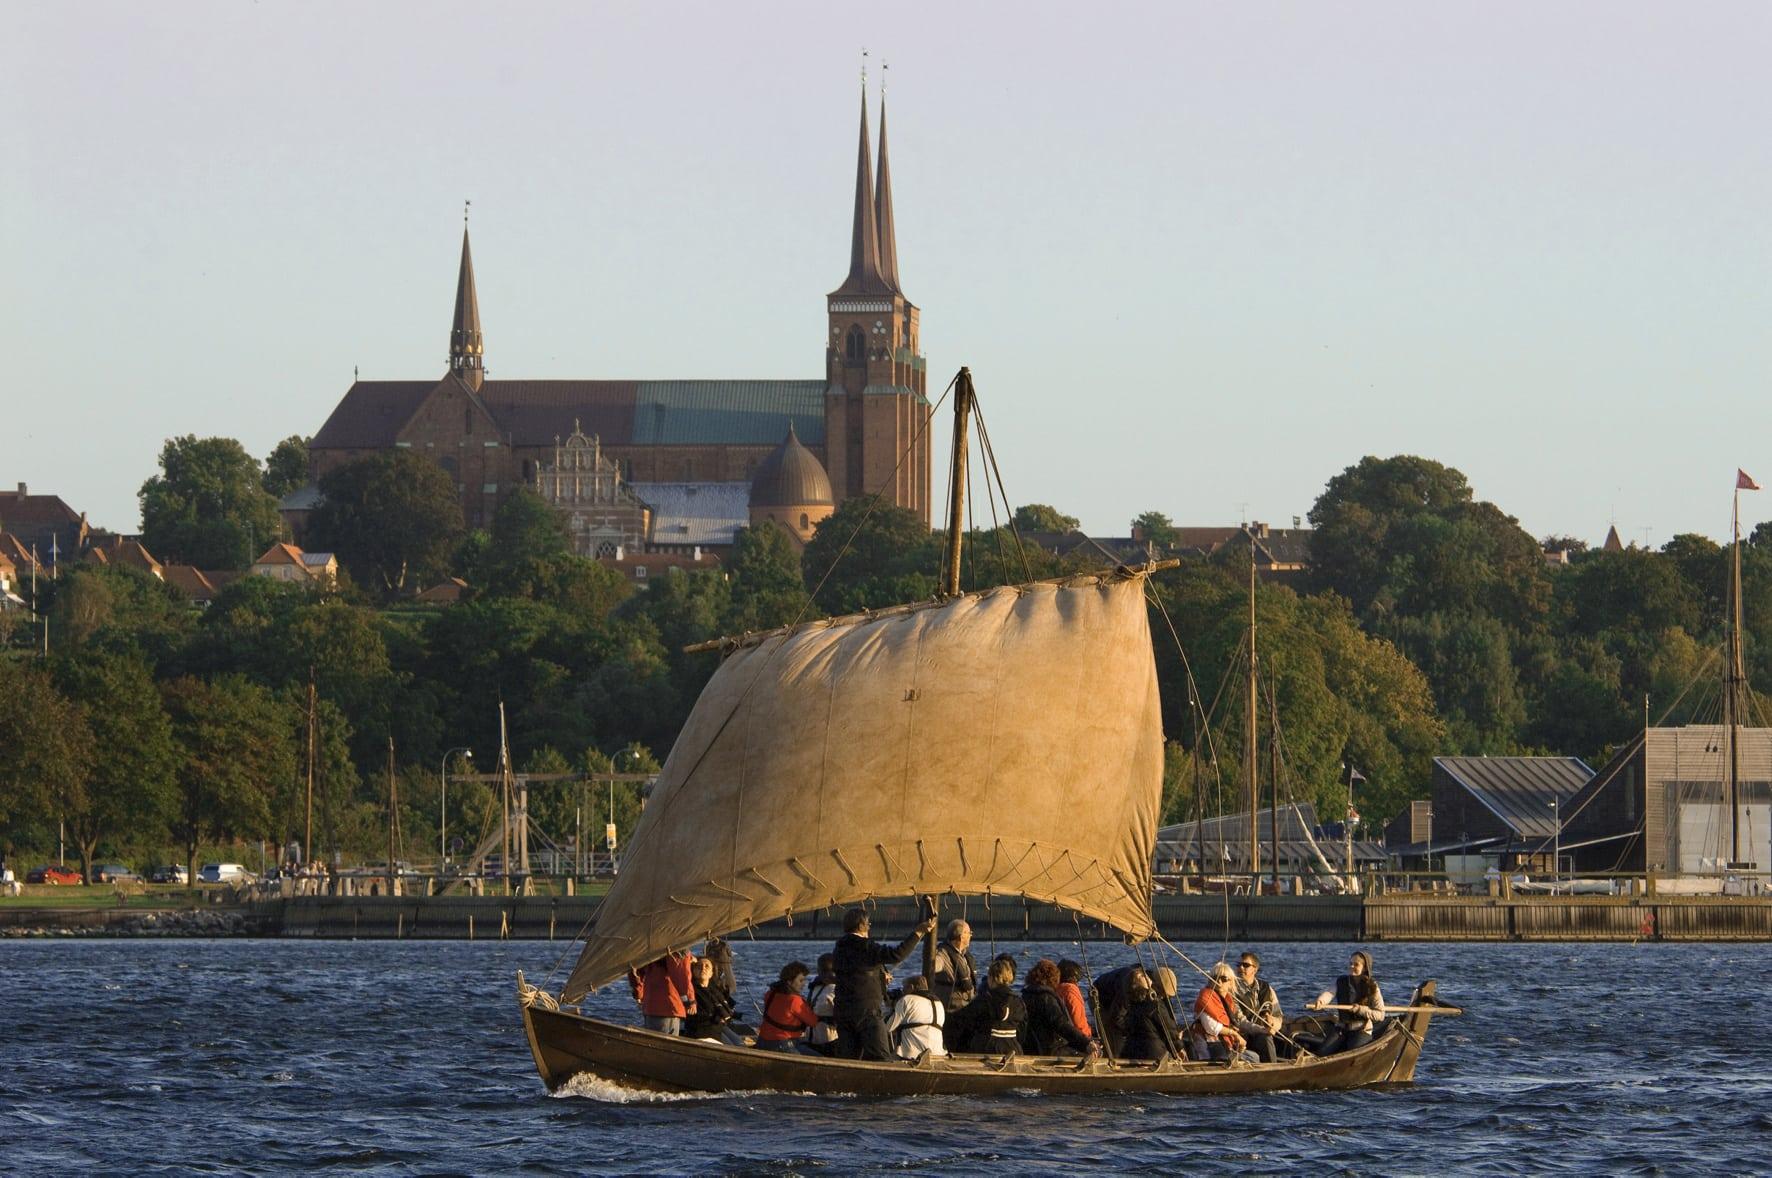 Altes Wikingerschiff auf fahrt vor dem Wikingerschiffsmuseum Roskilde